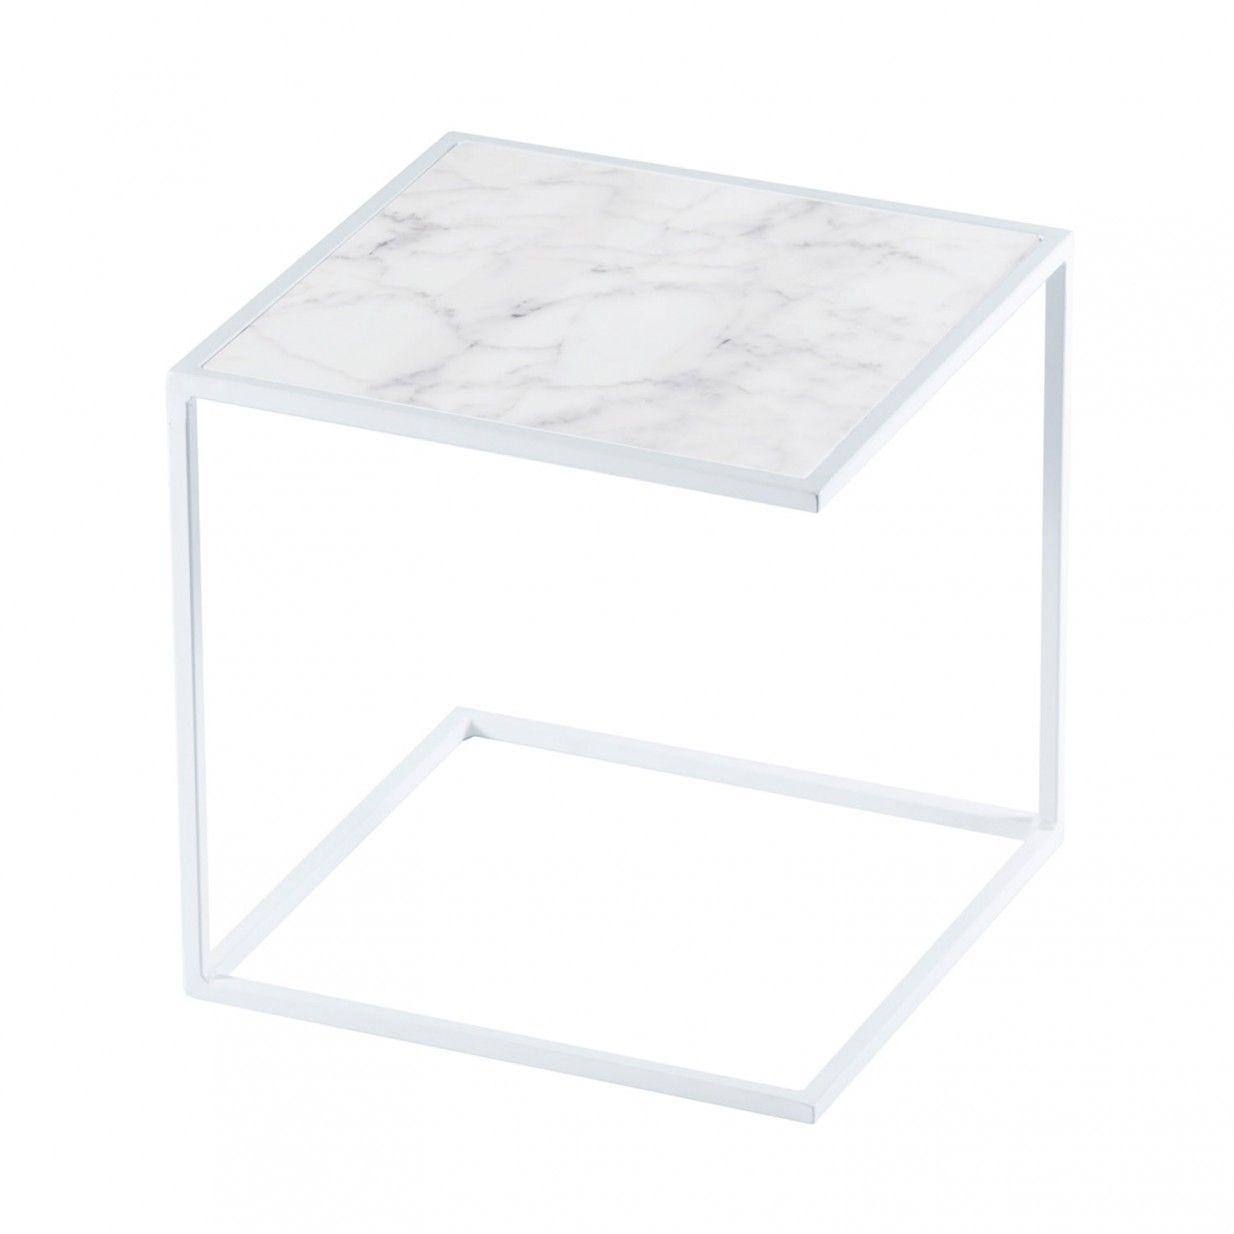 Noa Side Table White Tatkraft Beistelltisch Metall Stahl Weiss Weiss Marmor Beistelltisch Metall Stahlbett Weisser Marmor